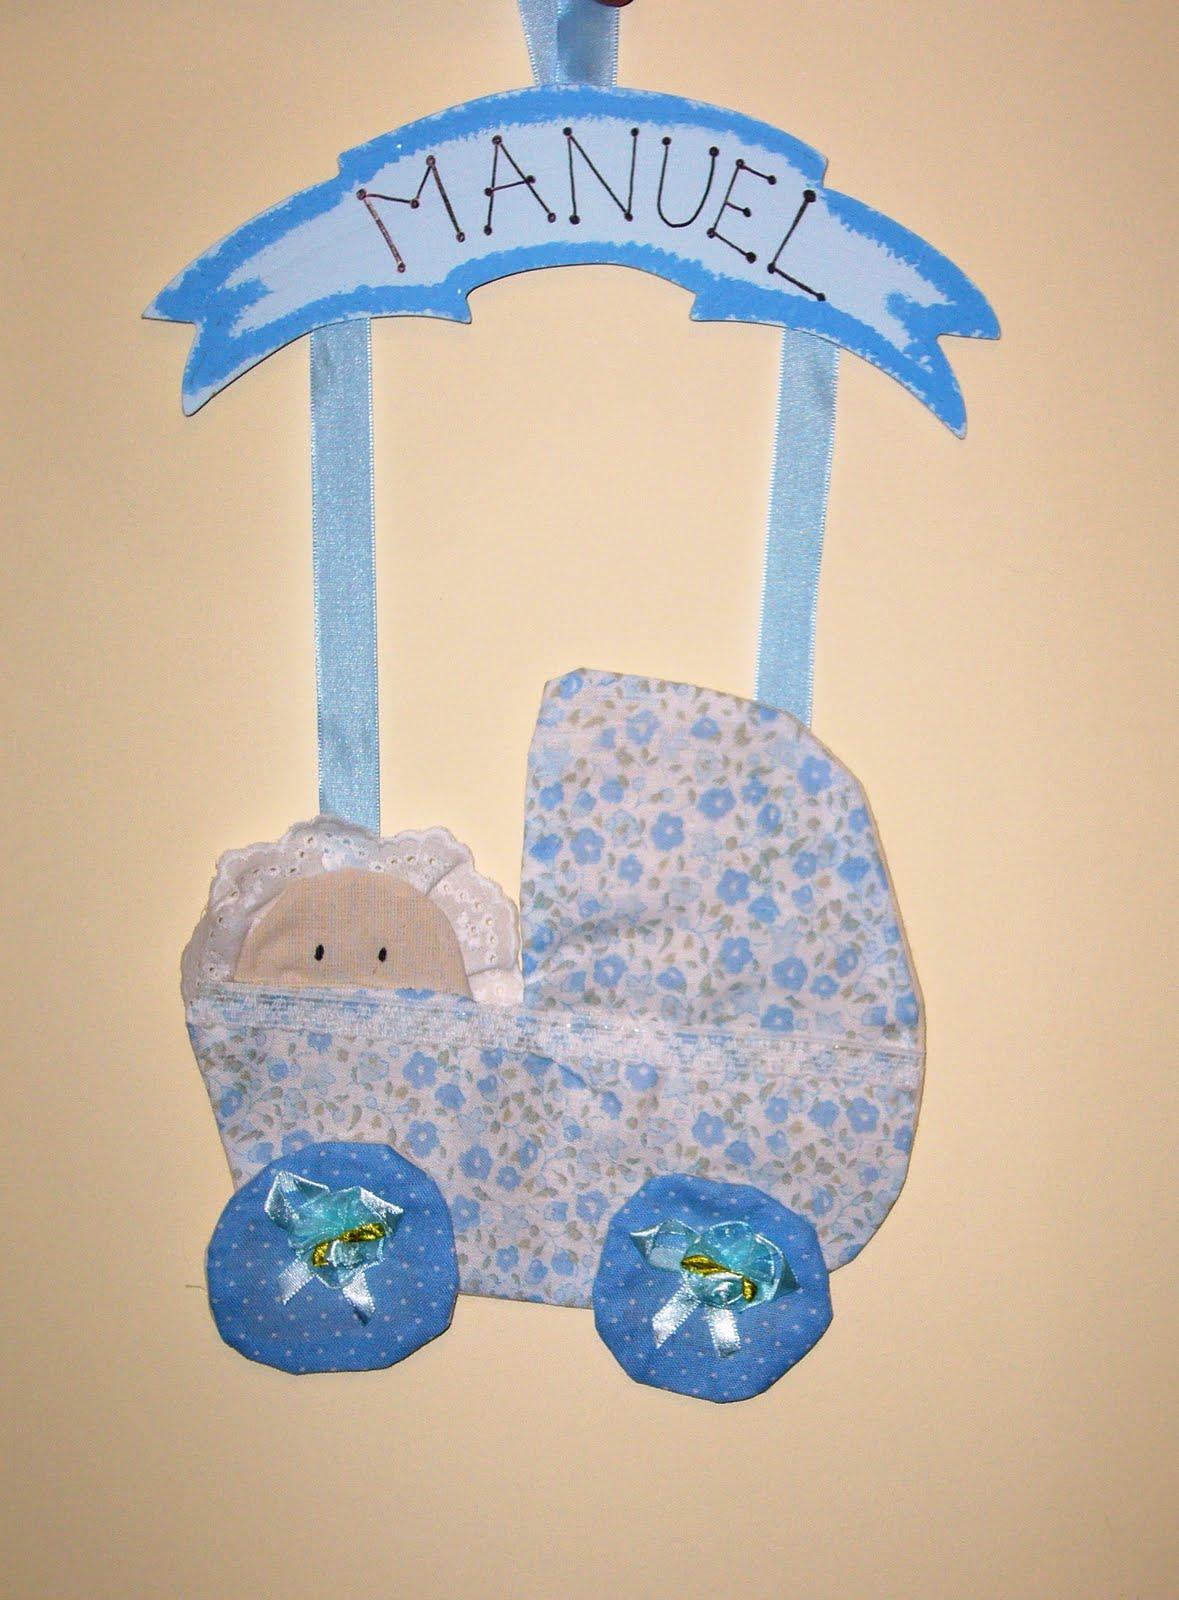 Regalery galeria de regalos deco beb regalos for Tablero del deco del sitio del bebe